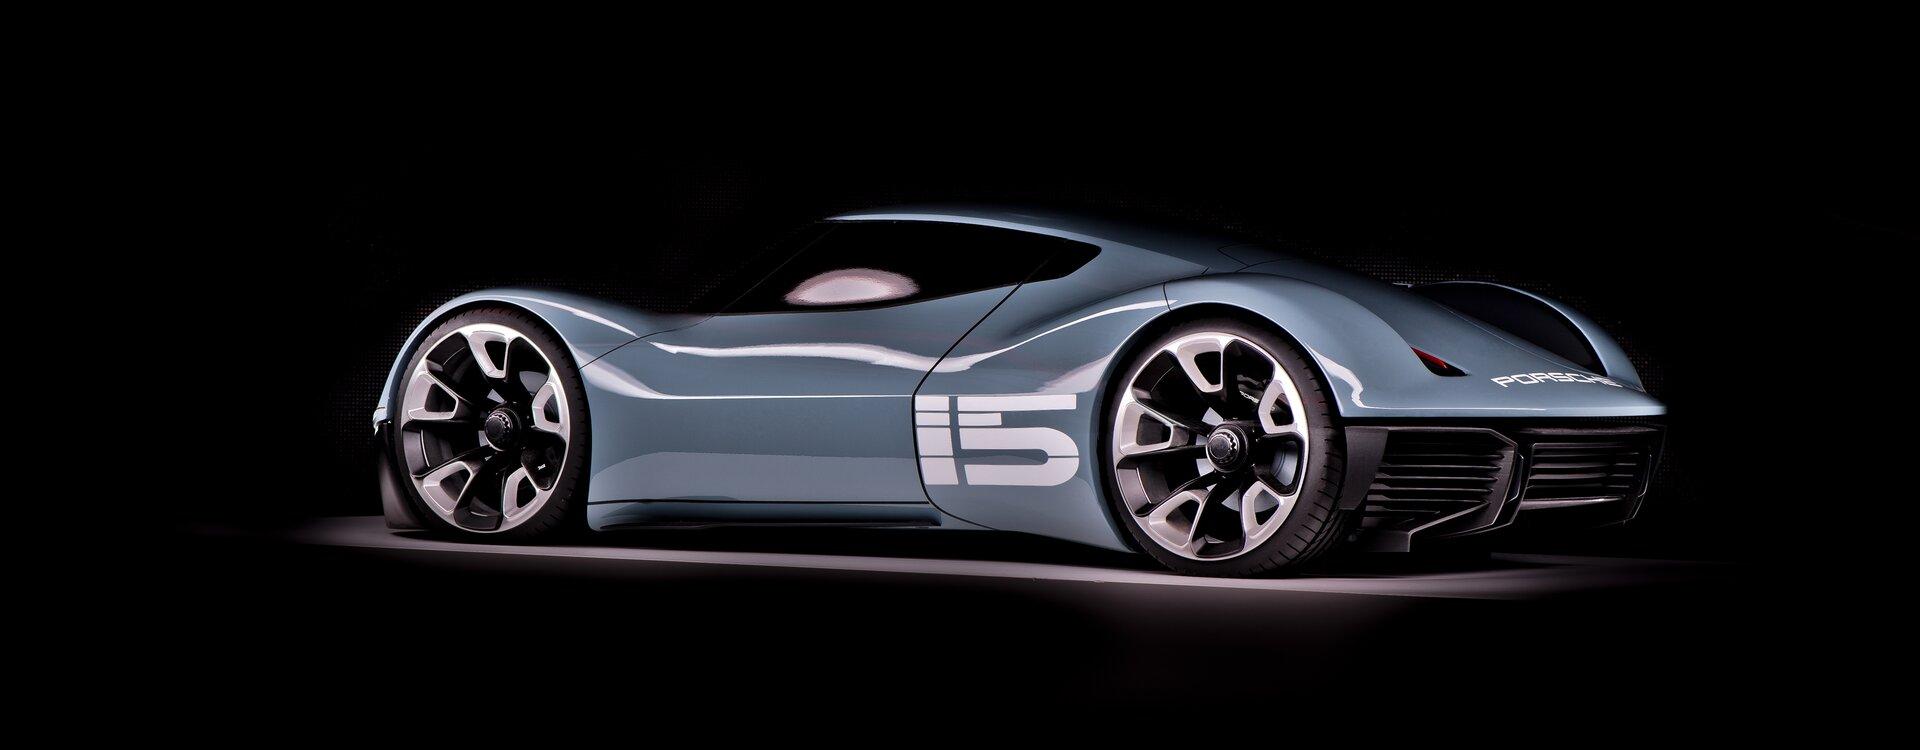 Porsche-Vision-916-4